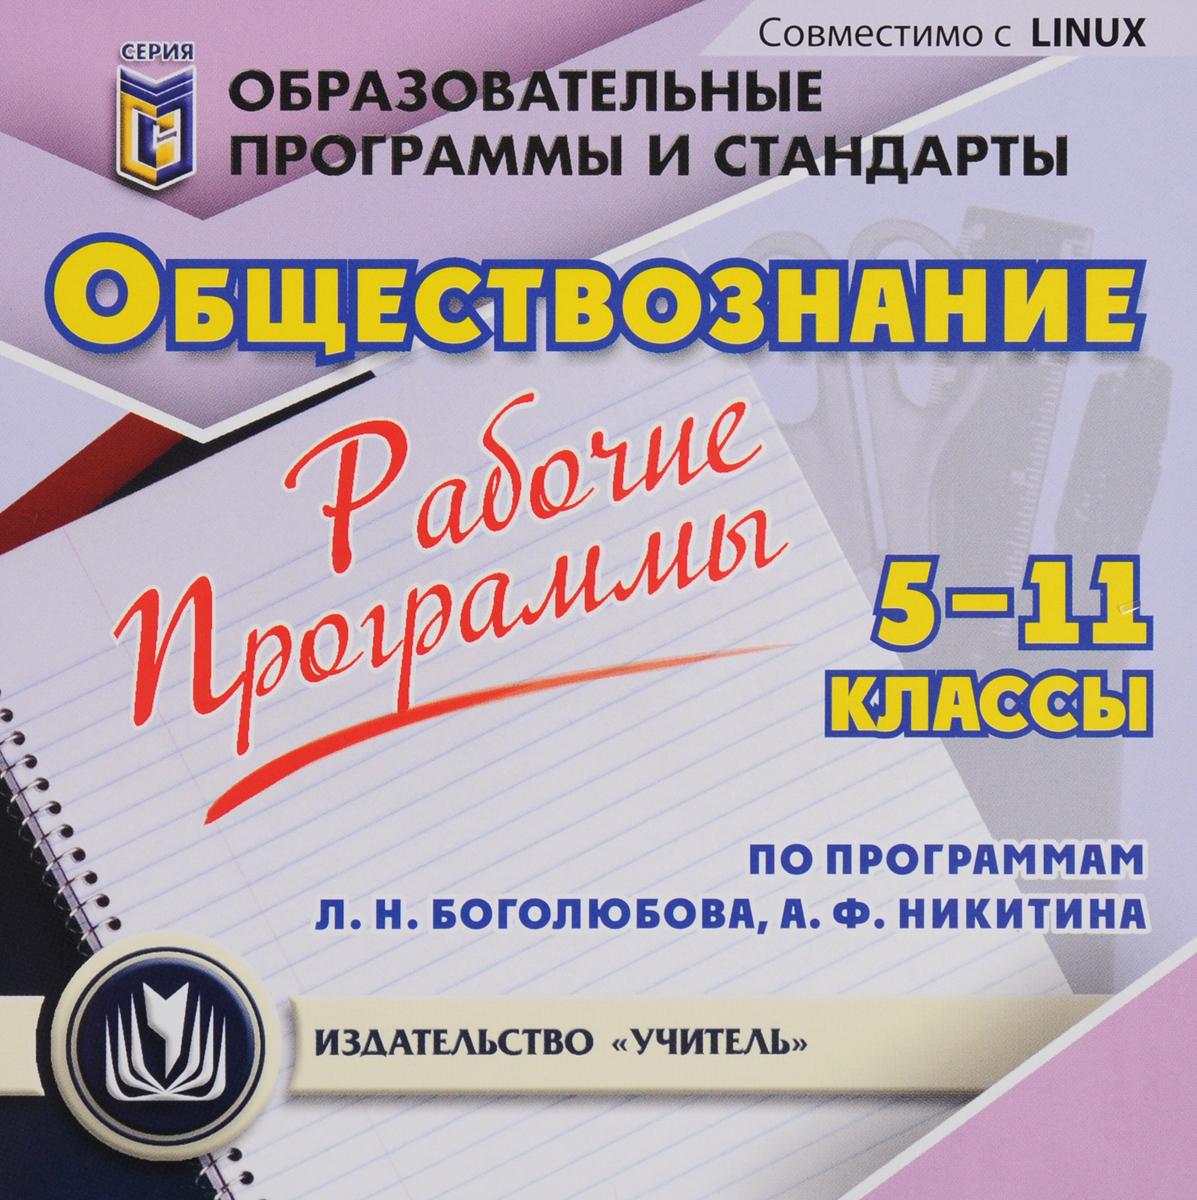 Рабочие программы. Обществознание. 5-11 классы. По программам Л. Н. Боголюбова, А. Ф. Никитина